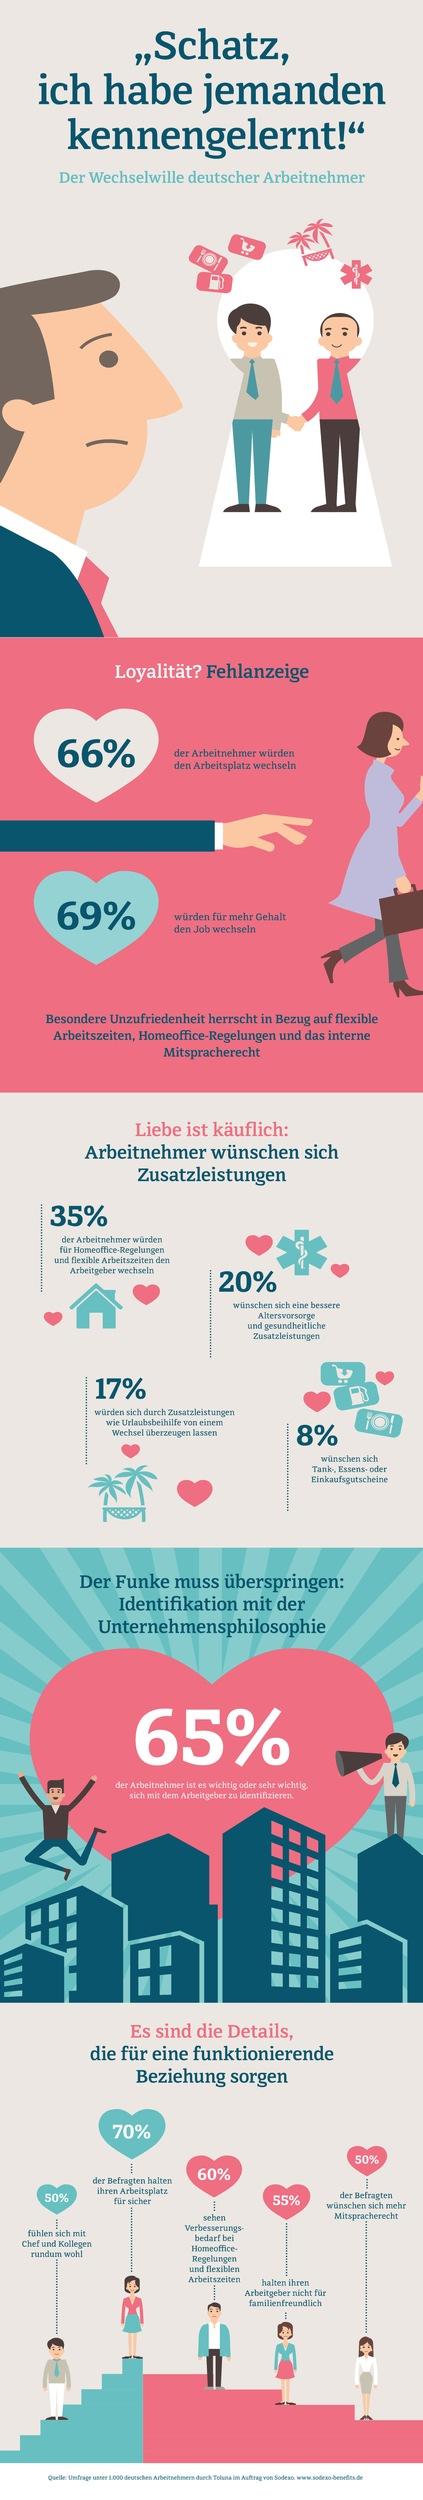 Schatz-ich-habe-jemanden-kennengelernt-Der-Wechselwille-deutscher-Arbeitnehmer